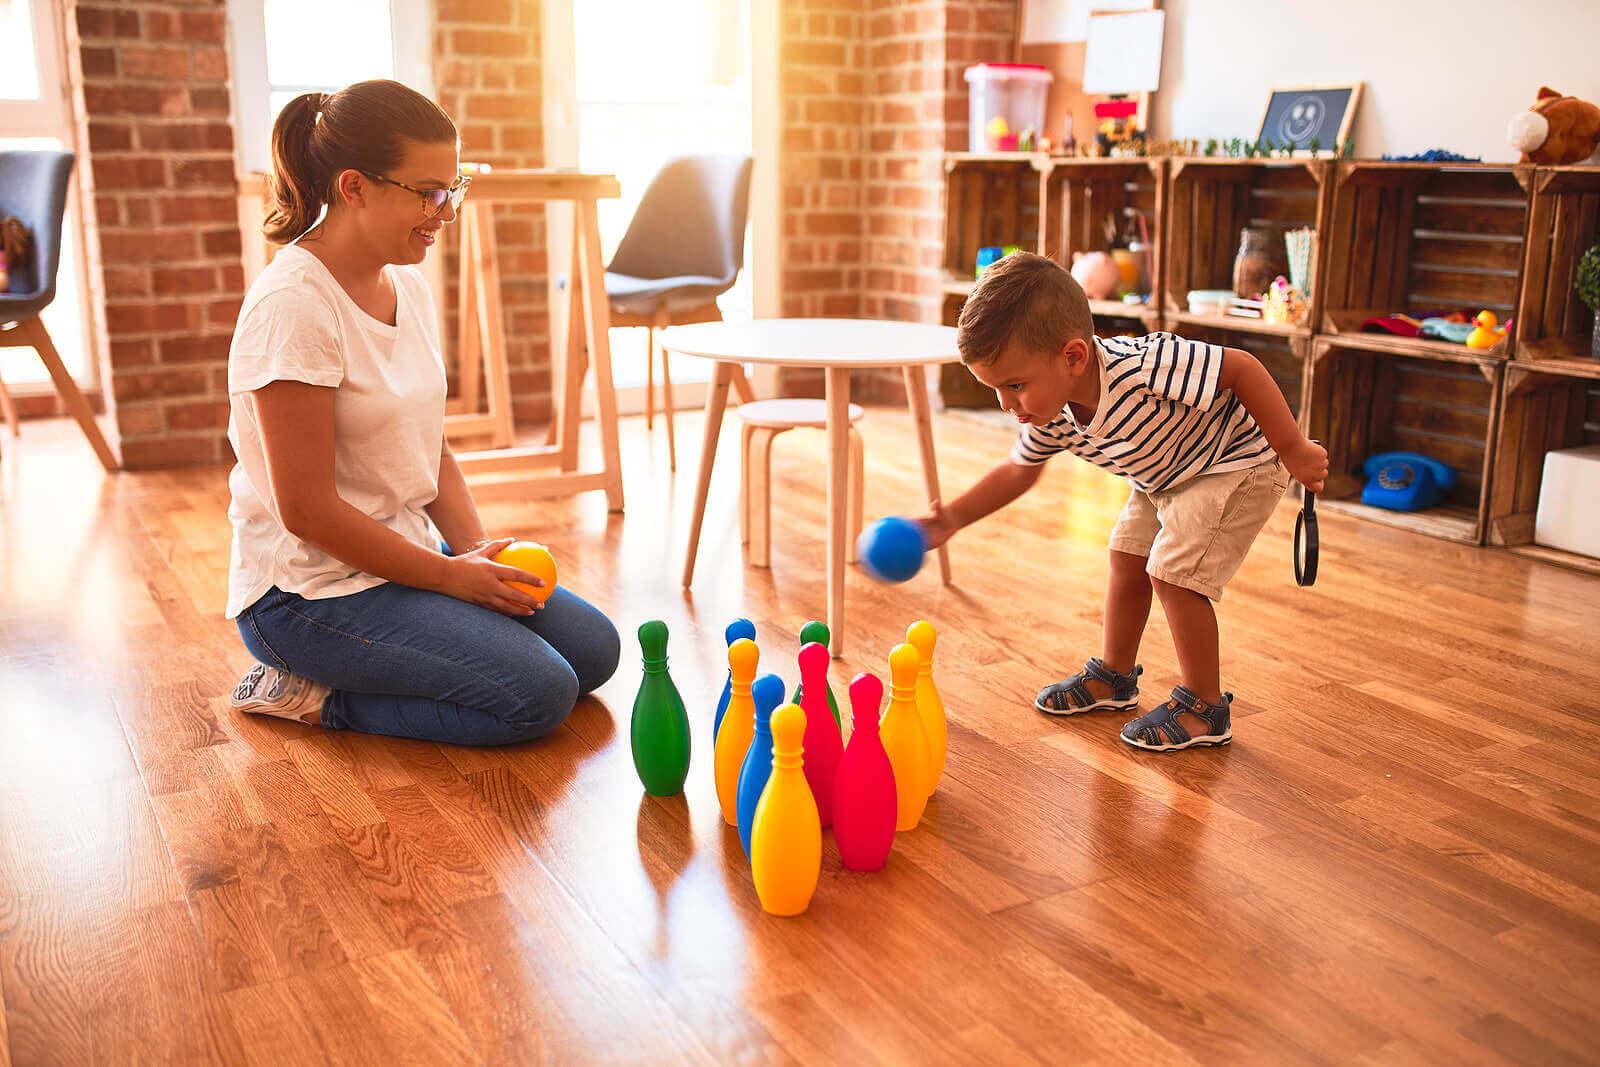 대근육 운동 기술 개발을 돕는 8가지 게임